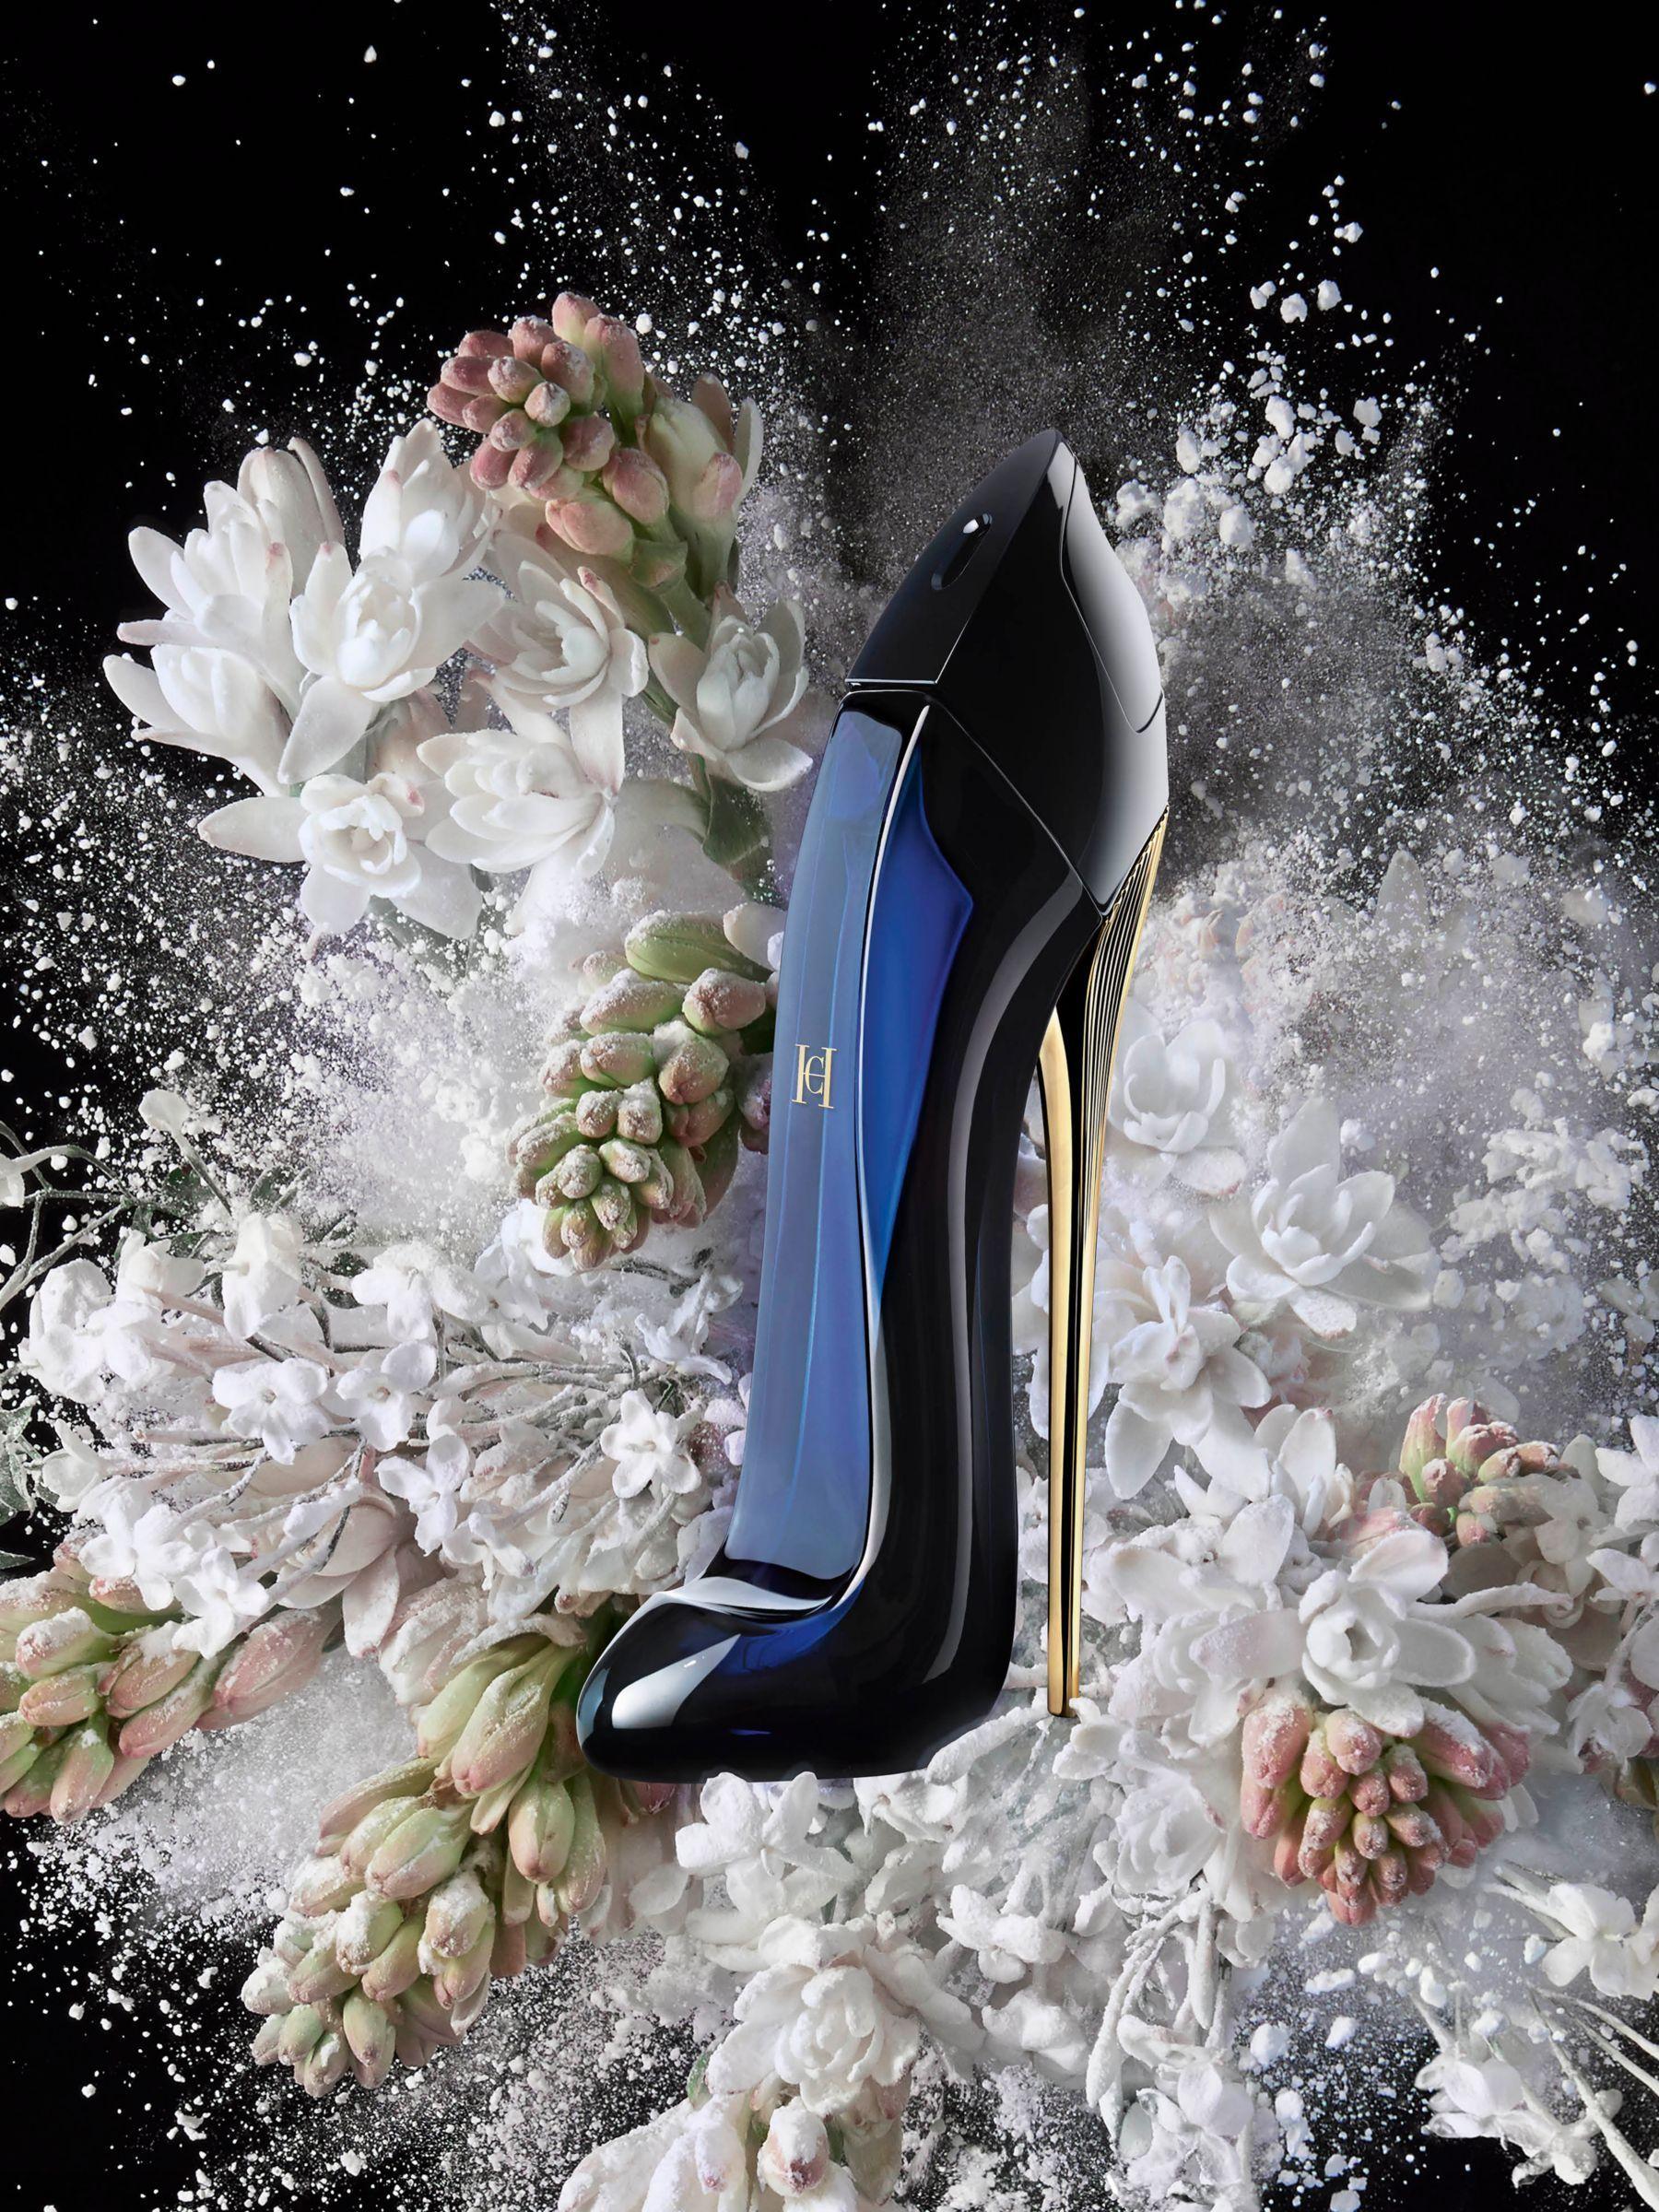 Good Girl by Carolina Herrera - Eau De Parfum | Good girl perfume, Carolina  herrera perfume, Carolina herrera